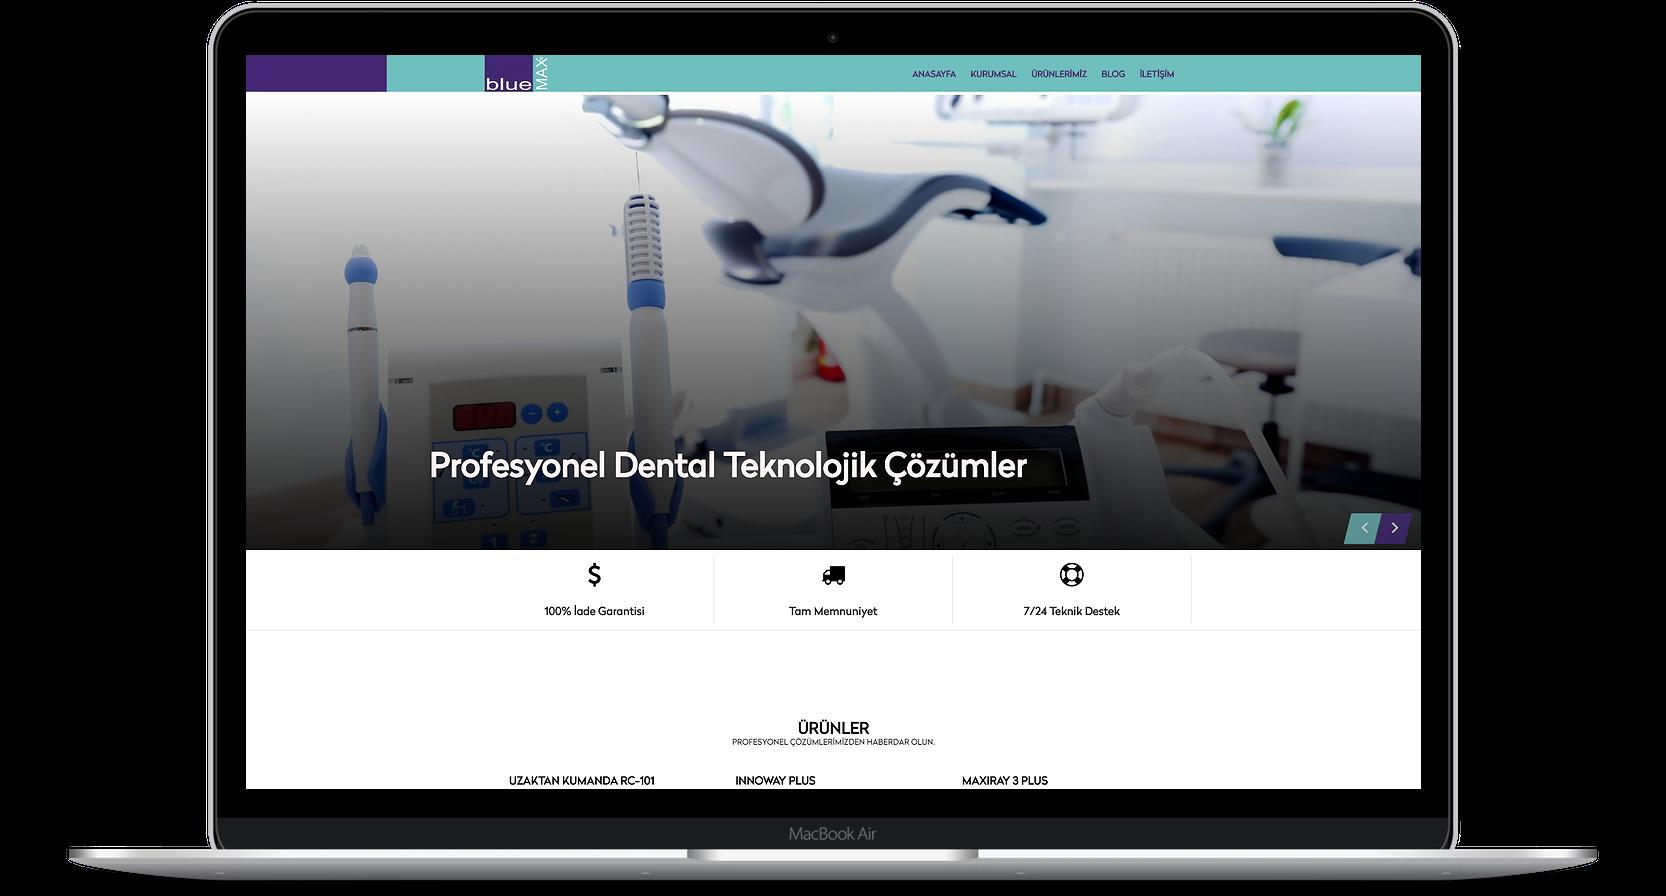 Bluemax Dental Ürünler